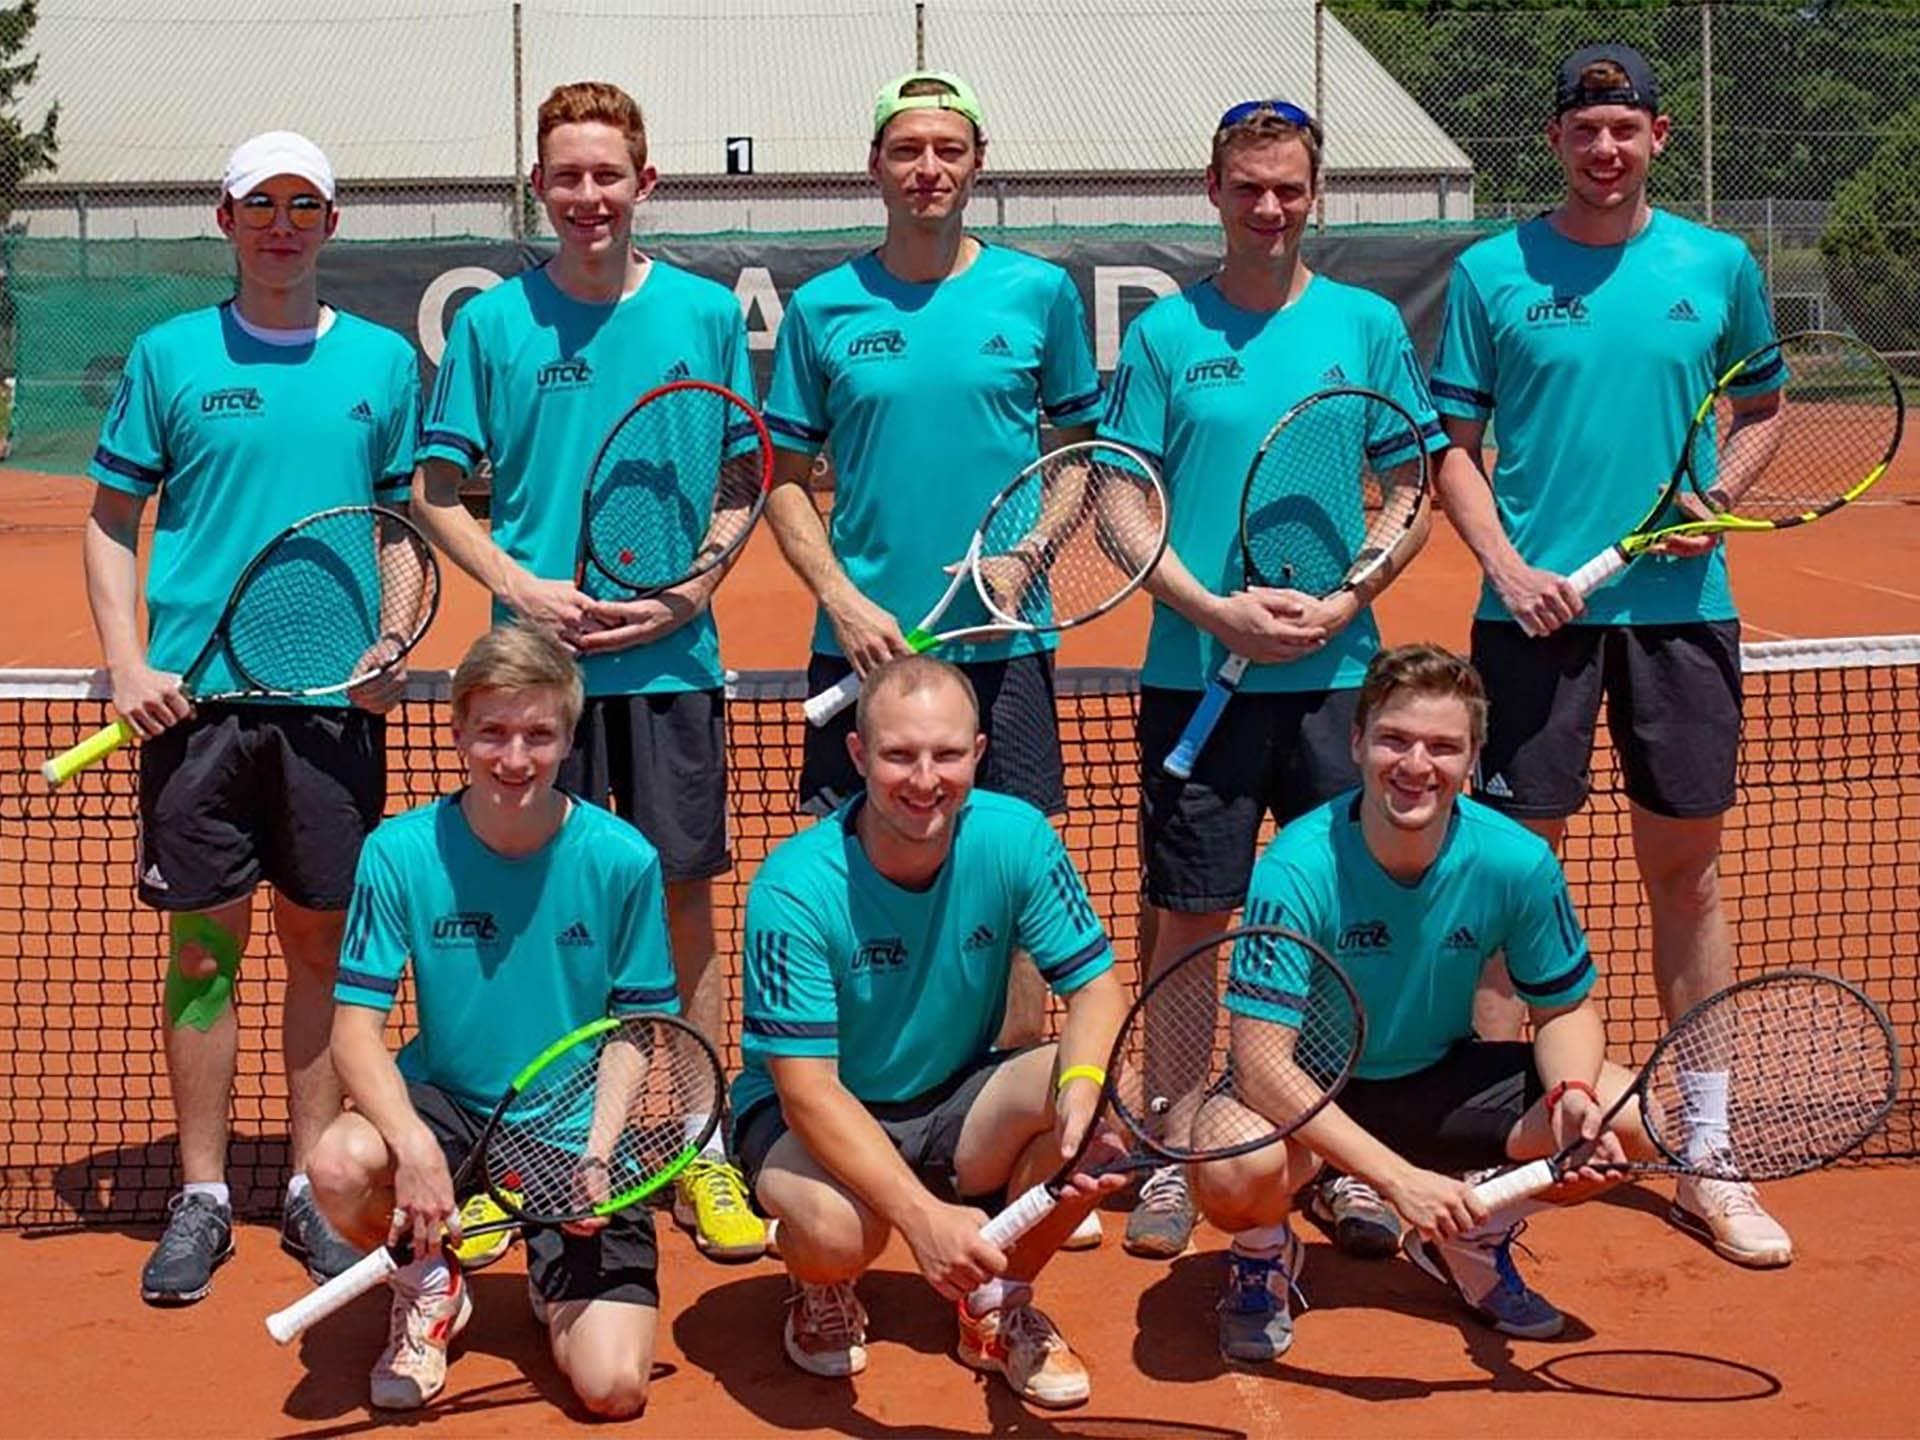 Tennis Herren 3er Mannschaftsfoto UTC CASA MODA Steyr